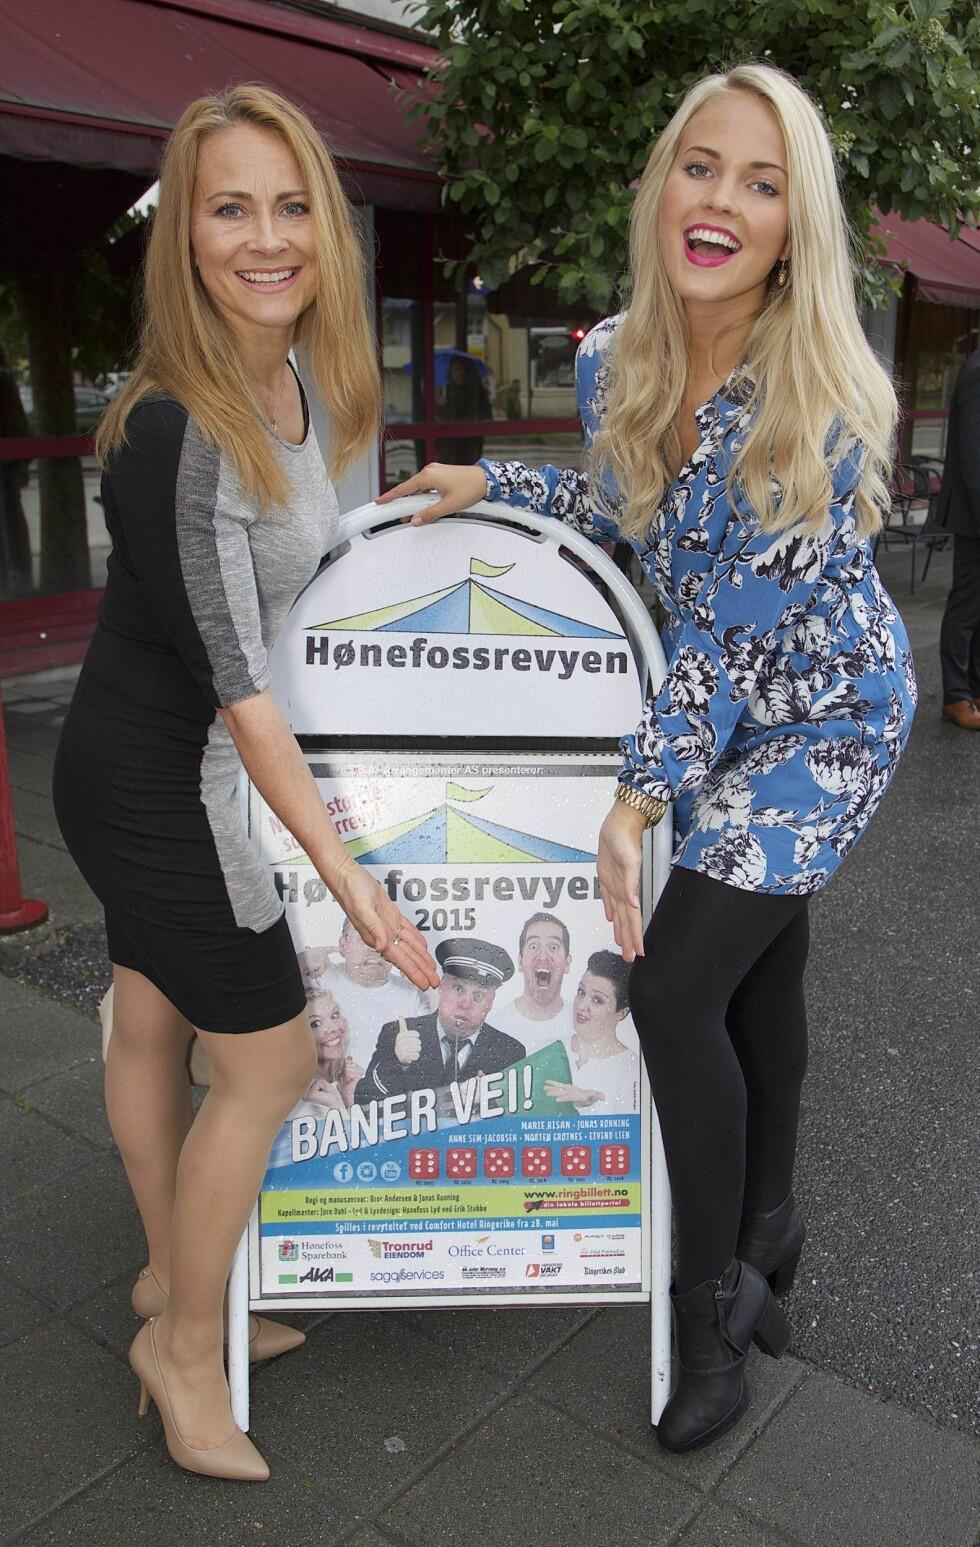 SER LYST PÅ LIVET: Den populære bloggeren fra Hønefoss ser frem til sommeren, og tirsdag kveld var hun og moren Linda i storslag på Hønefossrevyen 2015. Foto: Tore Skaar